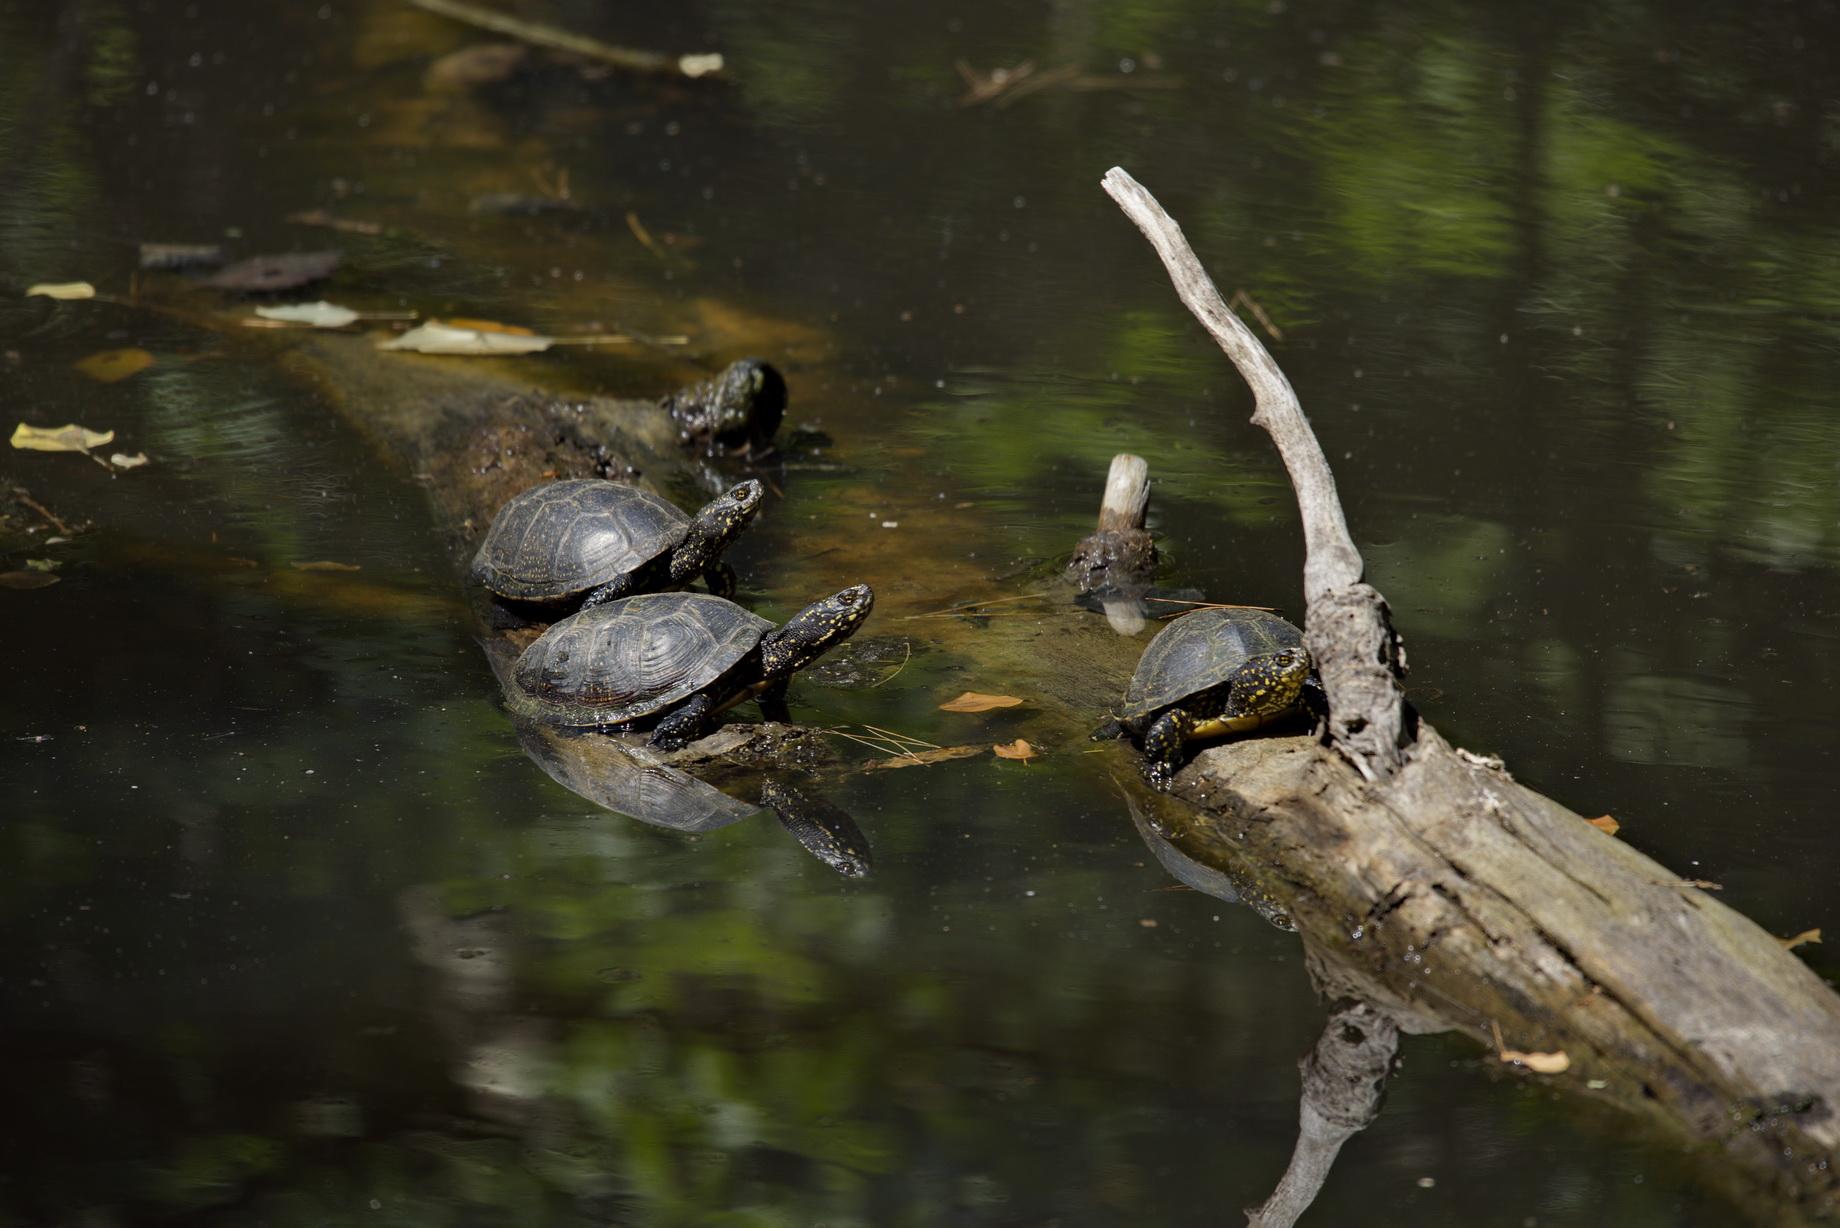 Europäische Sumpfschildkröten (Emys orbicularis hellenica)